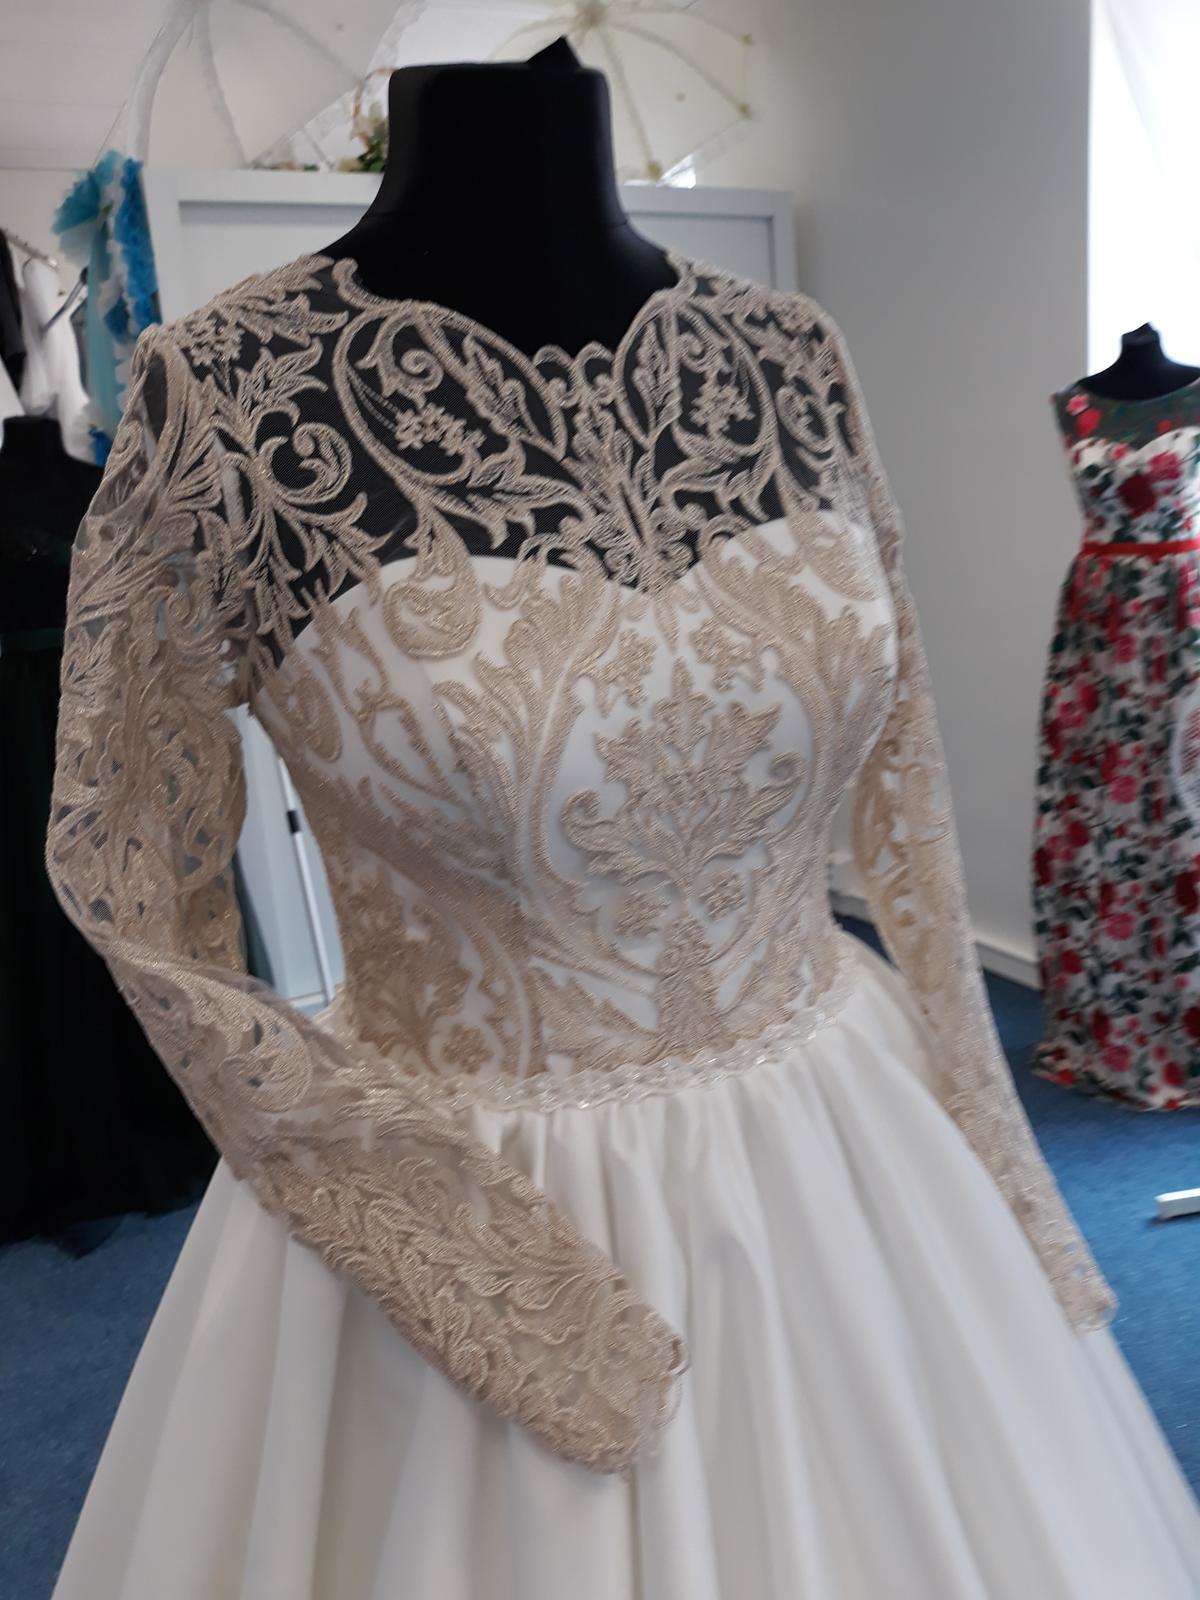 Svatební šaty  jen na objednání velikosti 36 až 42 - Obrázek č. 2